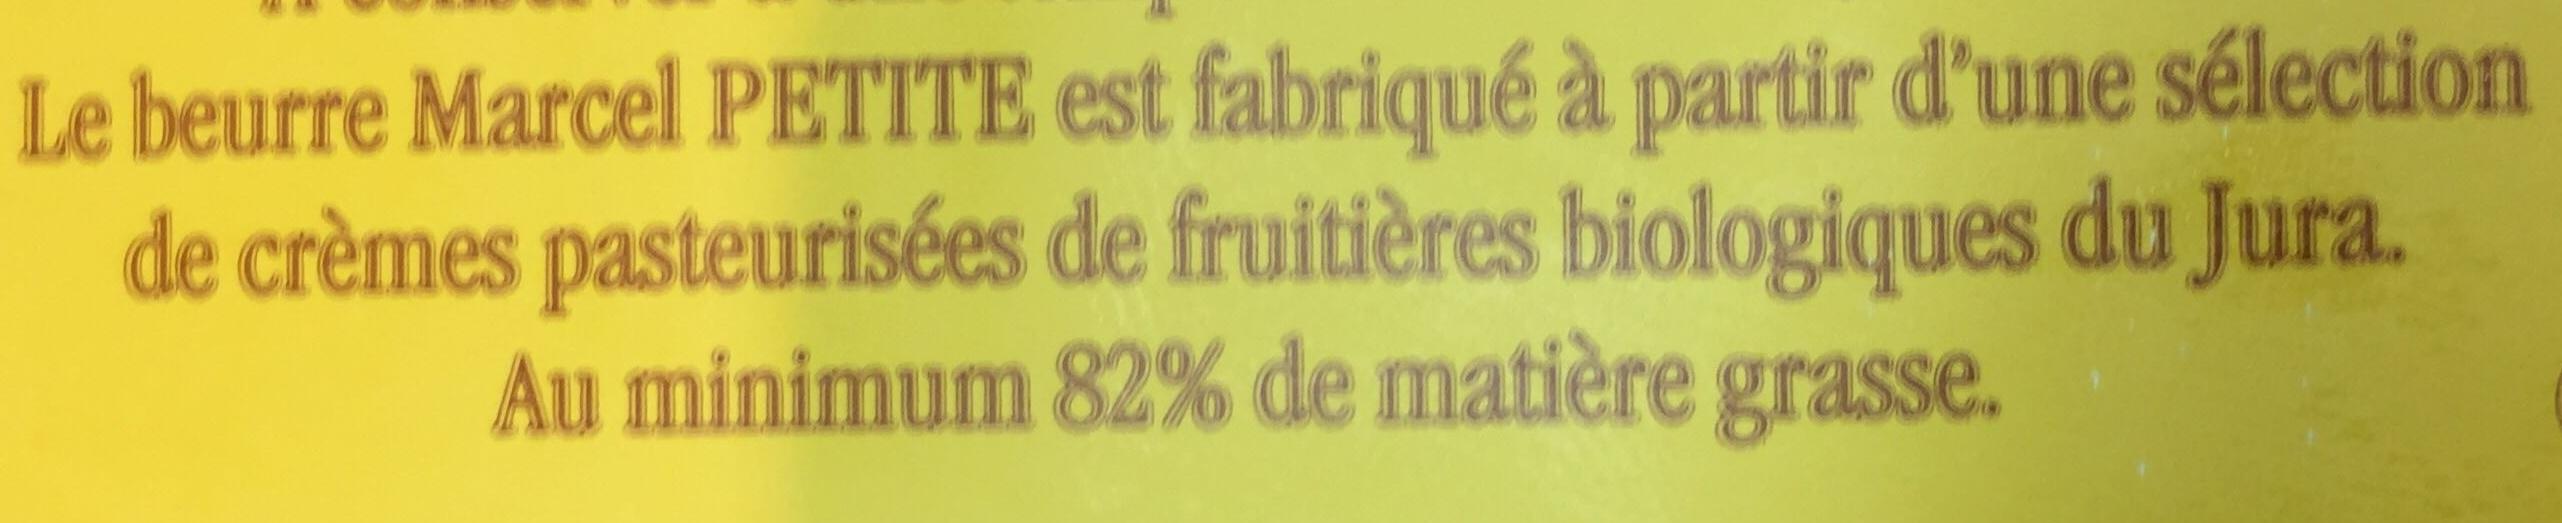 Beurre biologique - Ingredients - fr